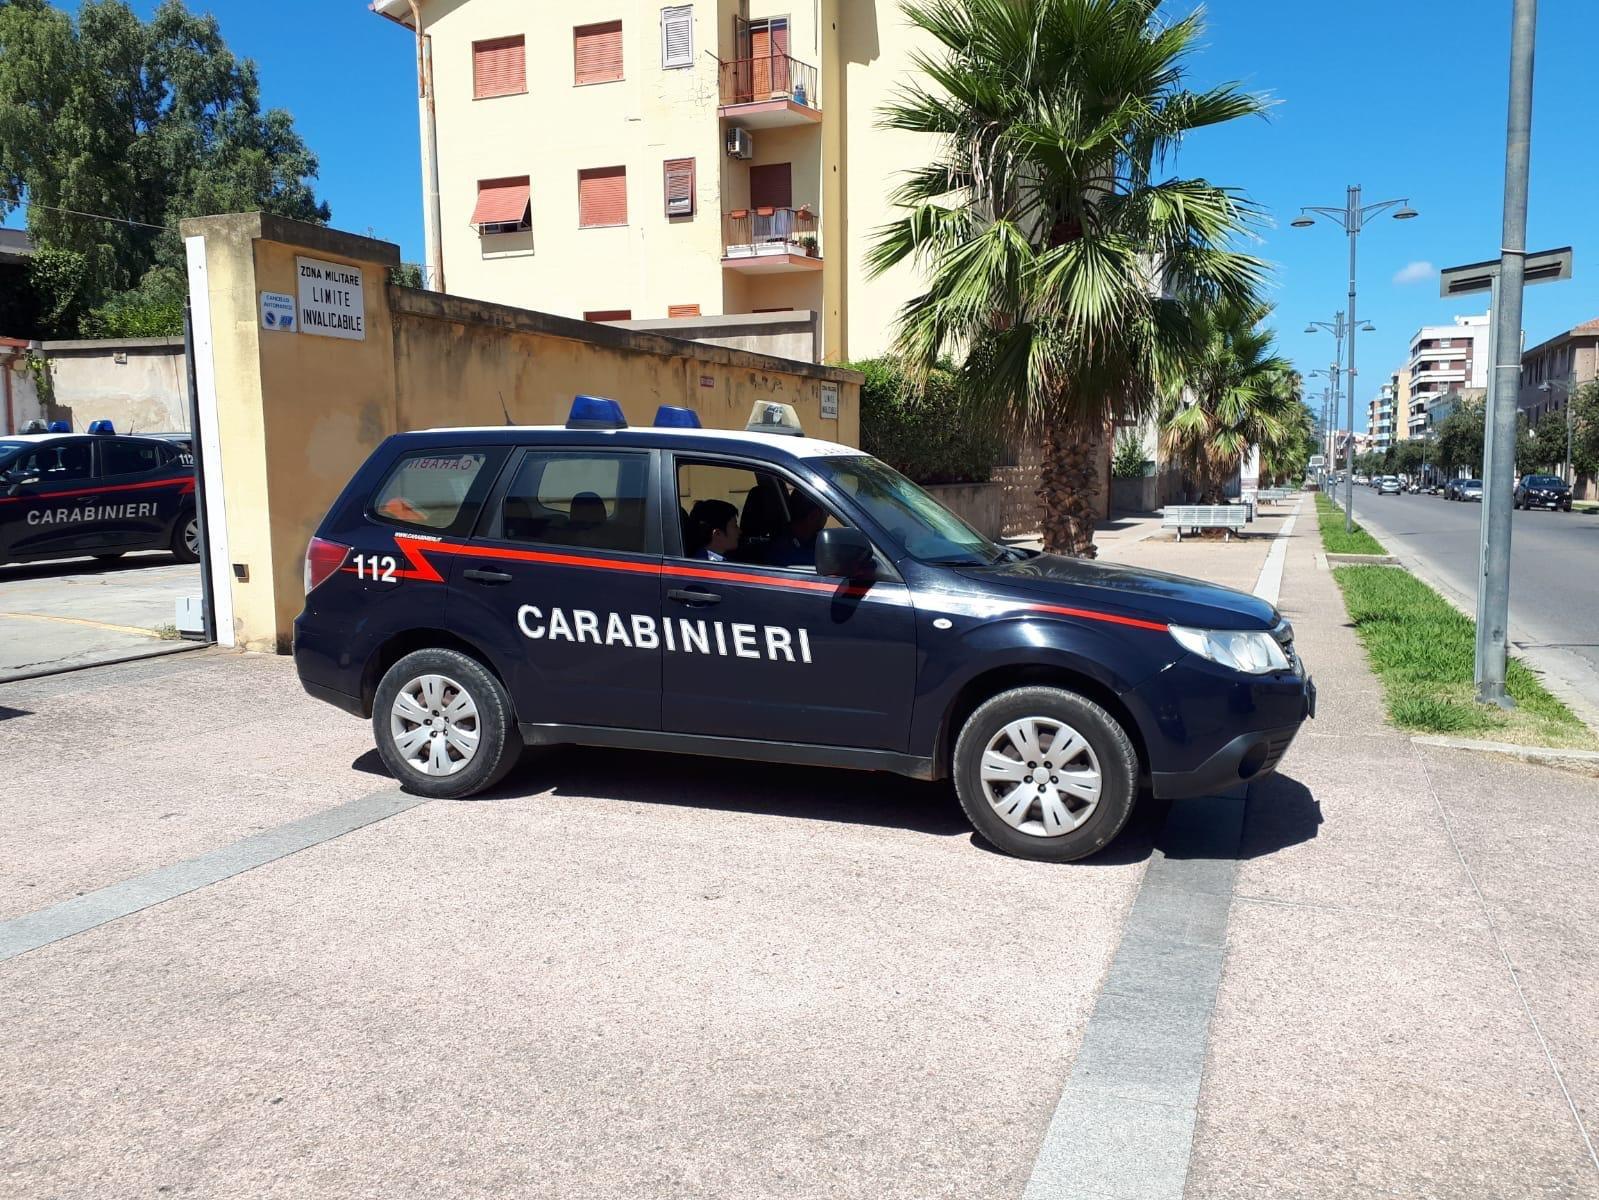 Il pomeriggio di Ferragosto, a Nuxis, i carabinieri della compagnia di Carbonia hanno arrestato un 29enne senegalese per resistenza, violenza e minacce aggravate a pubblico ufficiale.